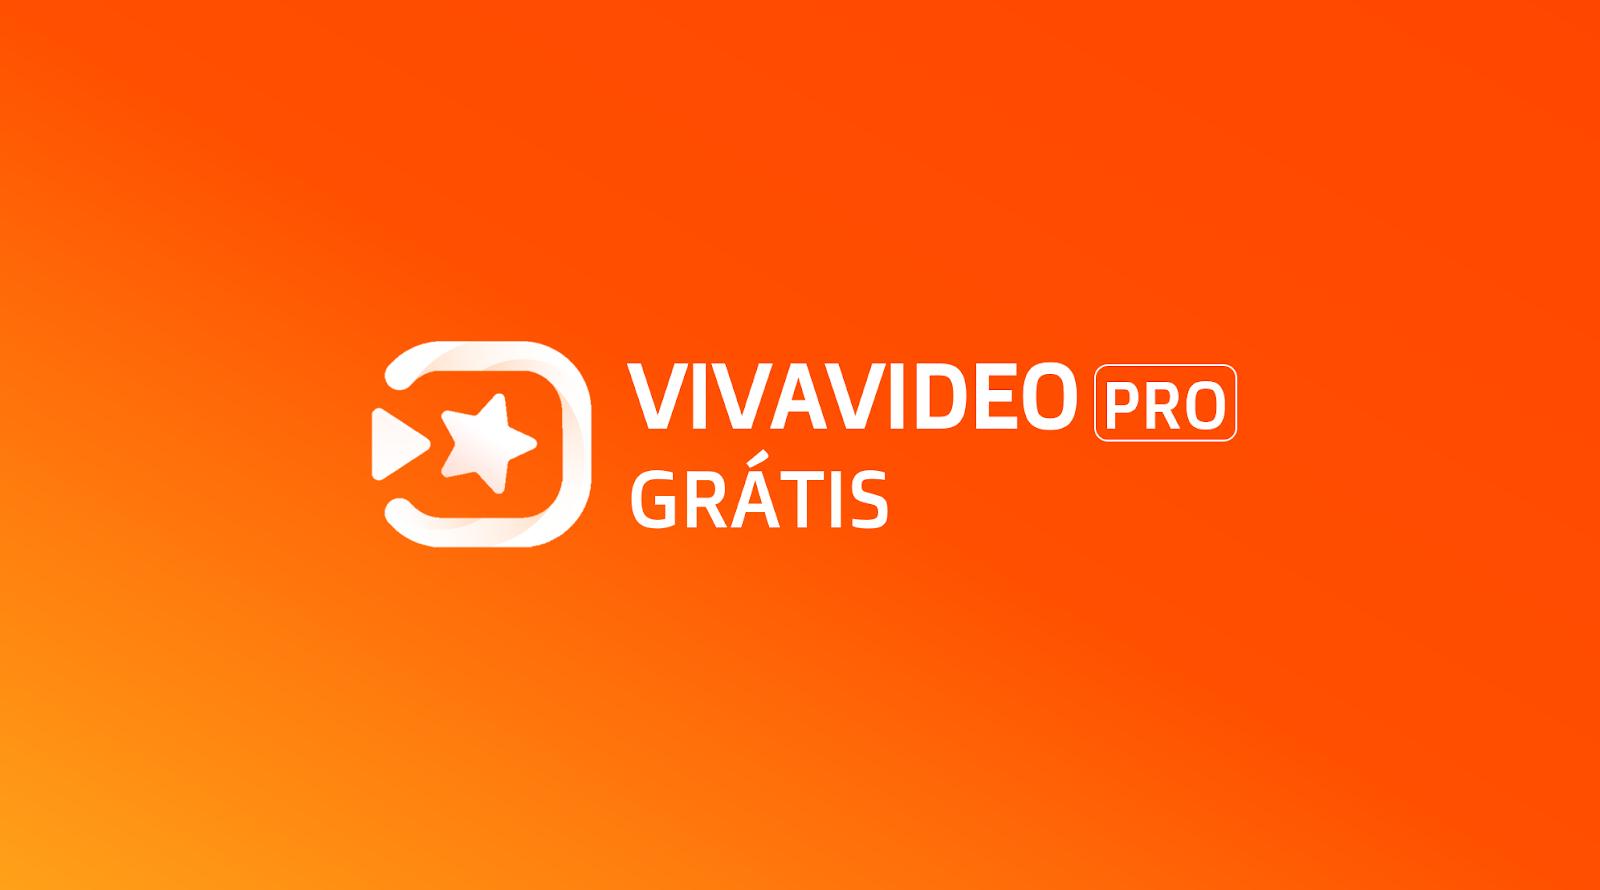 VivaVídeo Pro com todas às funções grátis